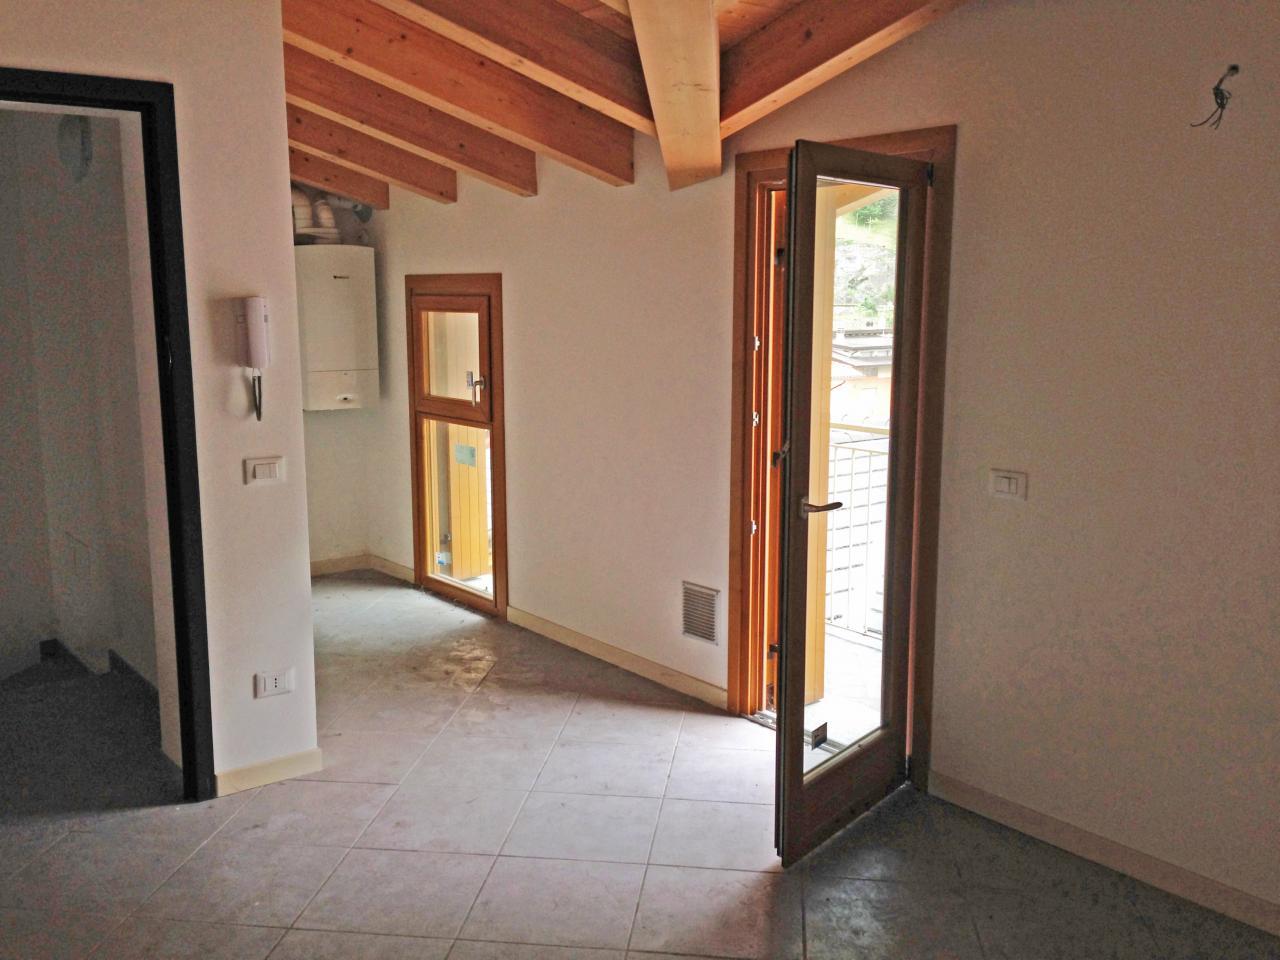 Appartamento in vendita a Piancogno, 4 locali, prezzo € 88.000 | CambioCasa.it